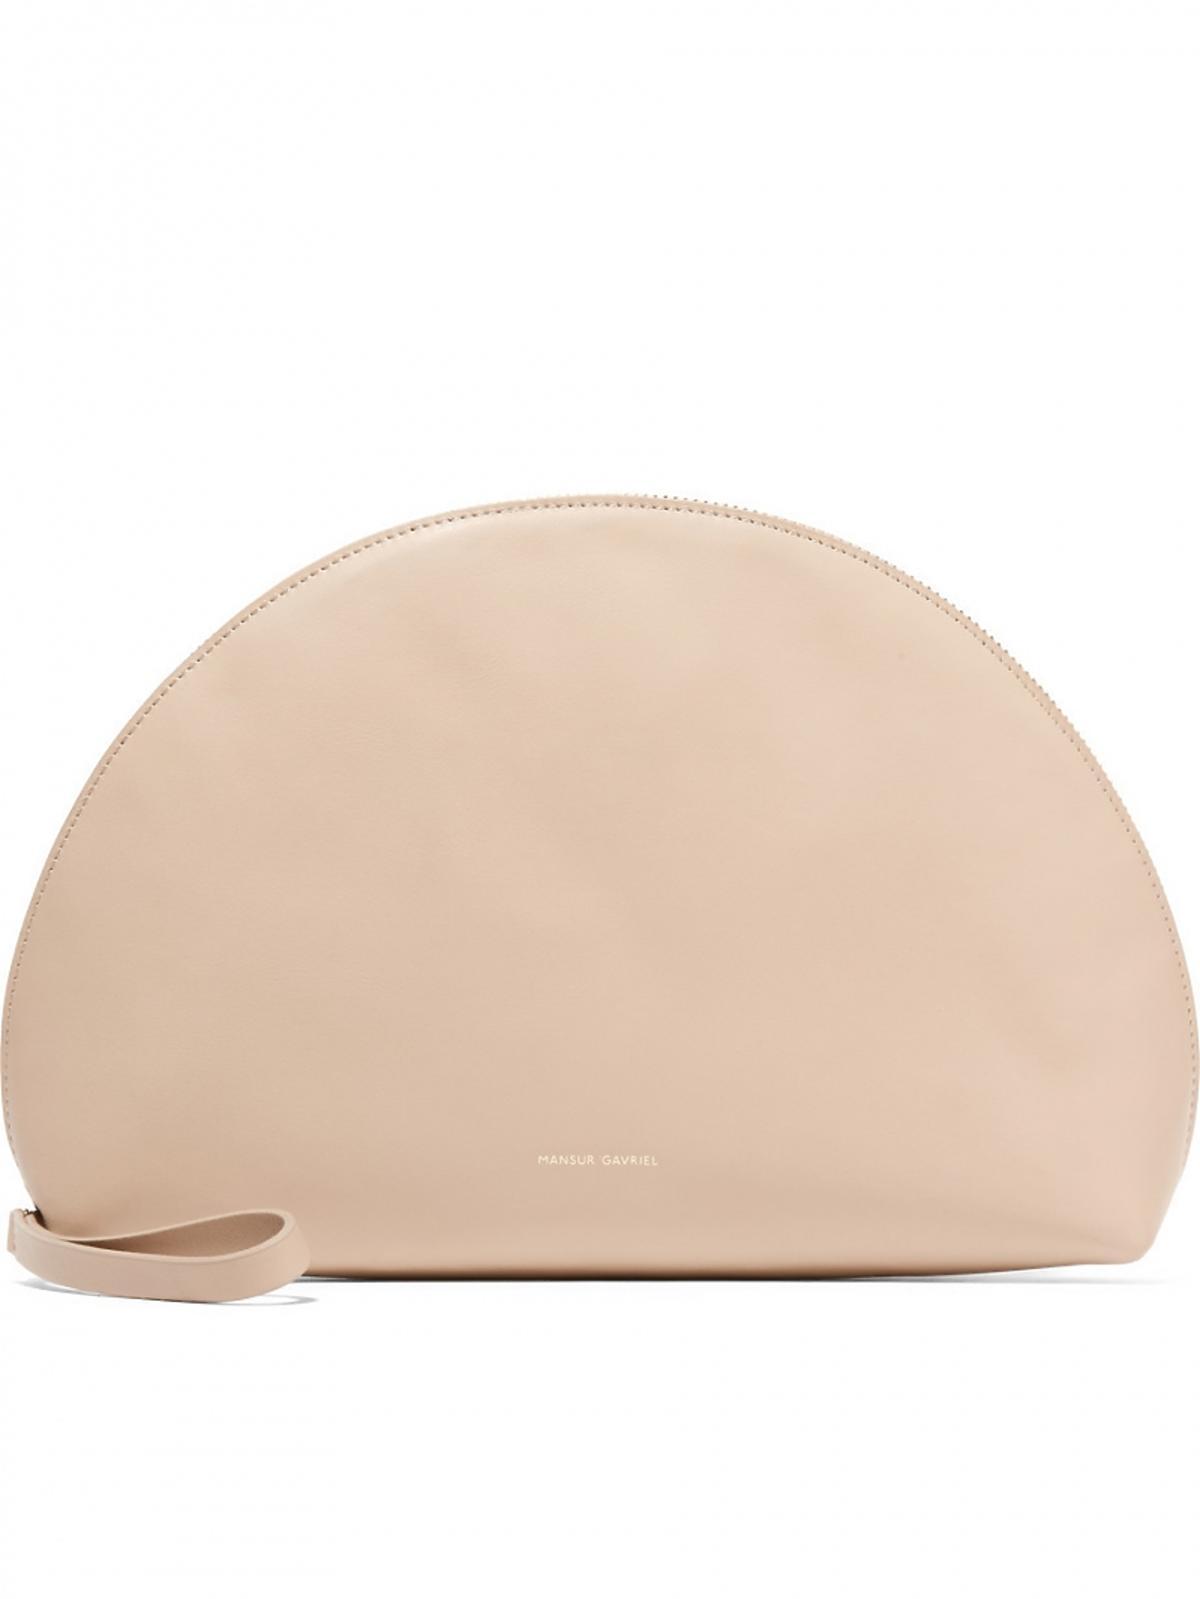 Beżowa torba o kształcie półksiężyca